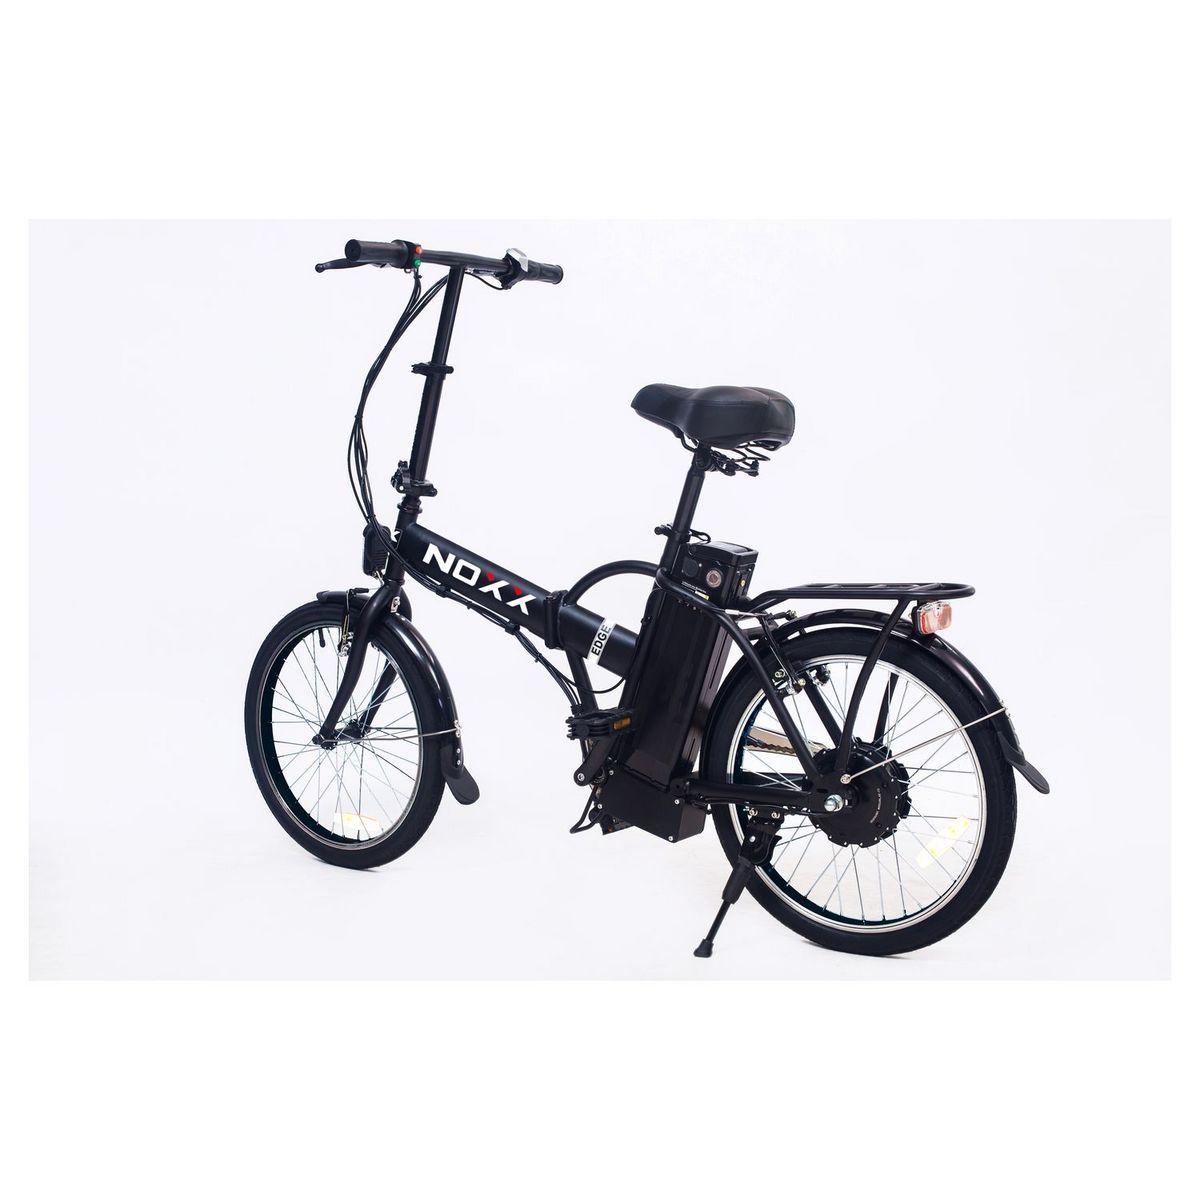 Vélo électrique Noxx EDGE VAE Noir